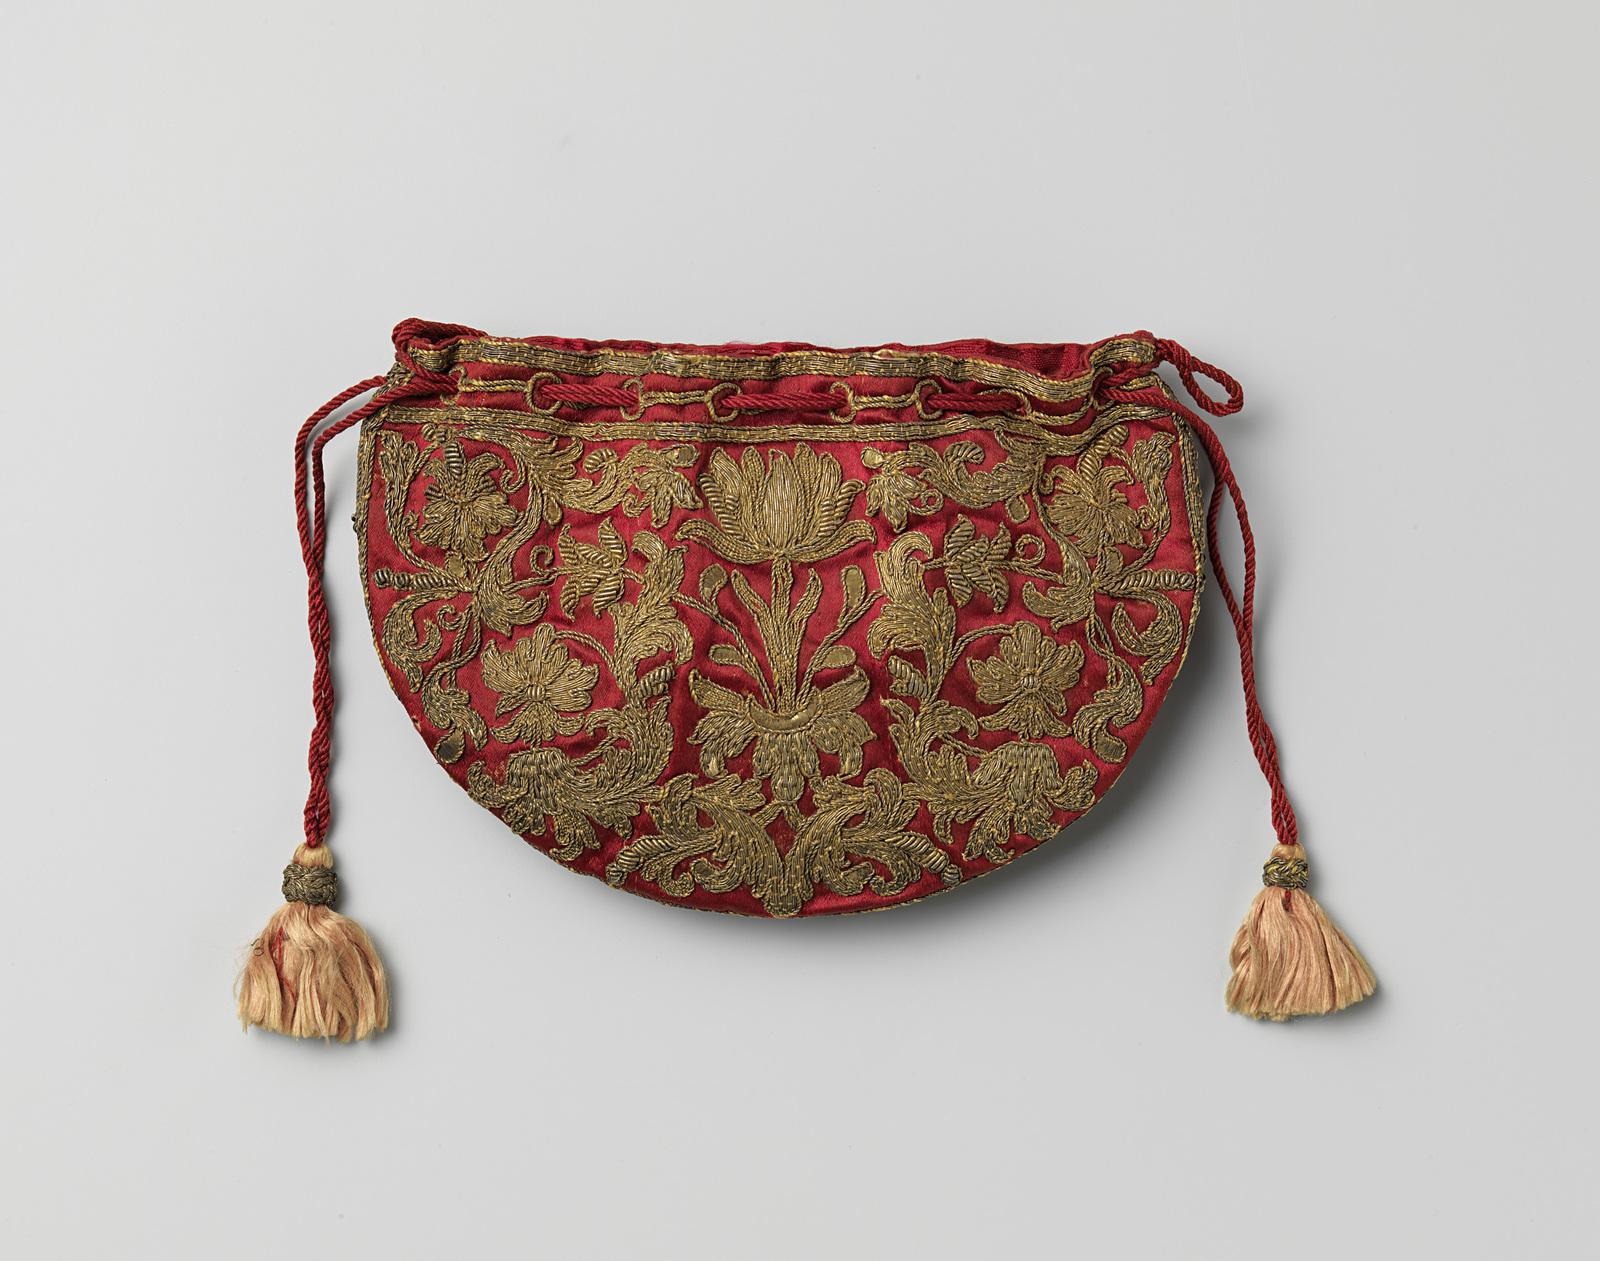 45a37cb1509 Halfronde, platte buidel van ceriserood satijn geborduurd met symmetrisch  bloem- en bladmotief in gouddraad